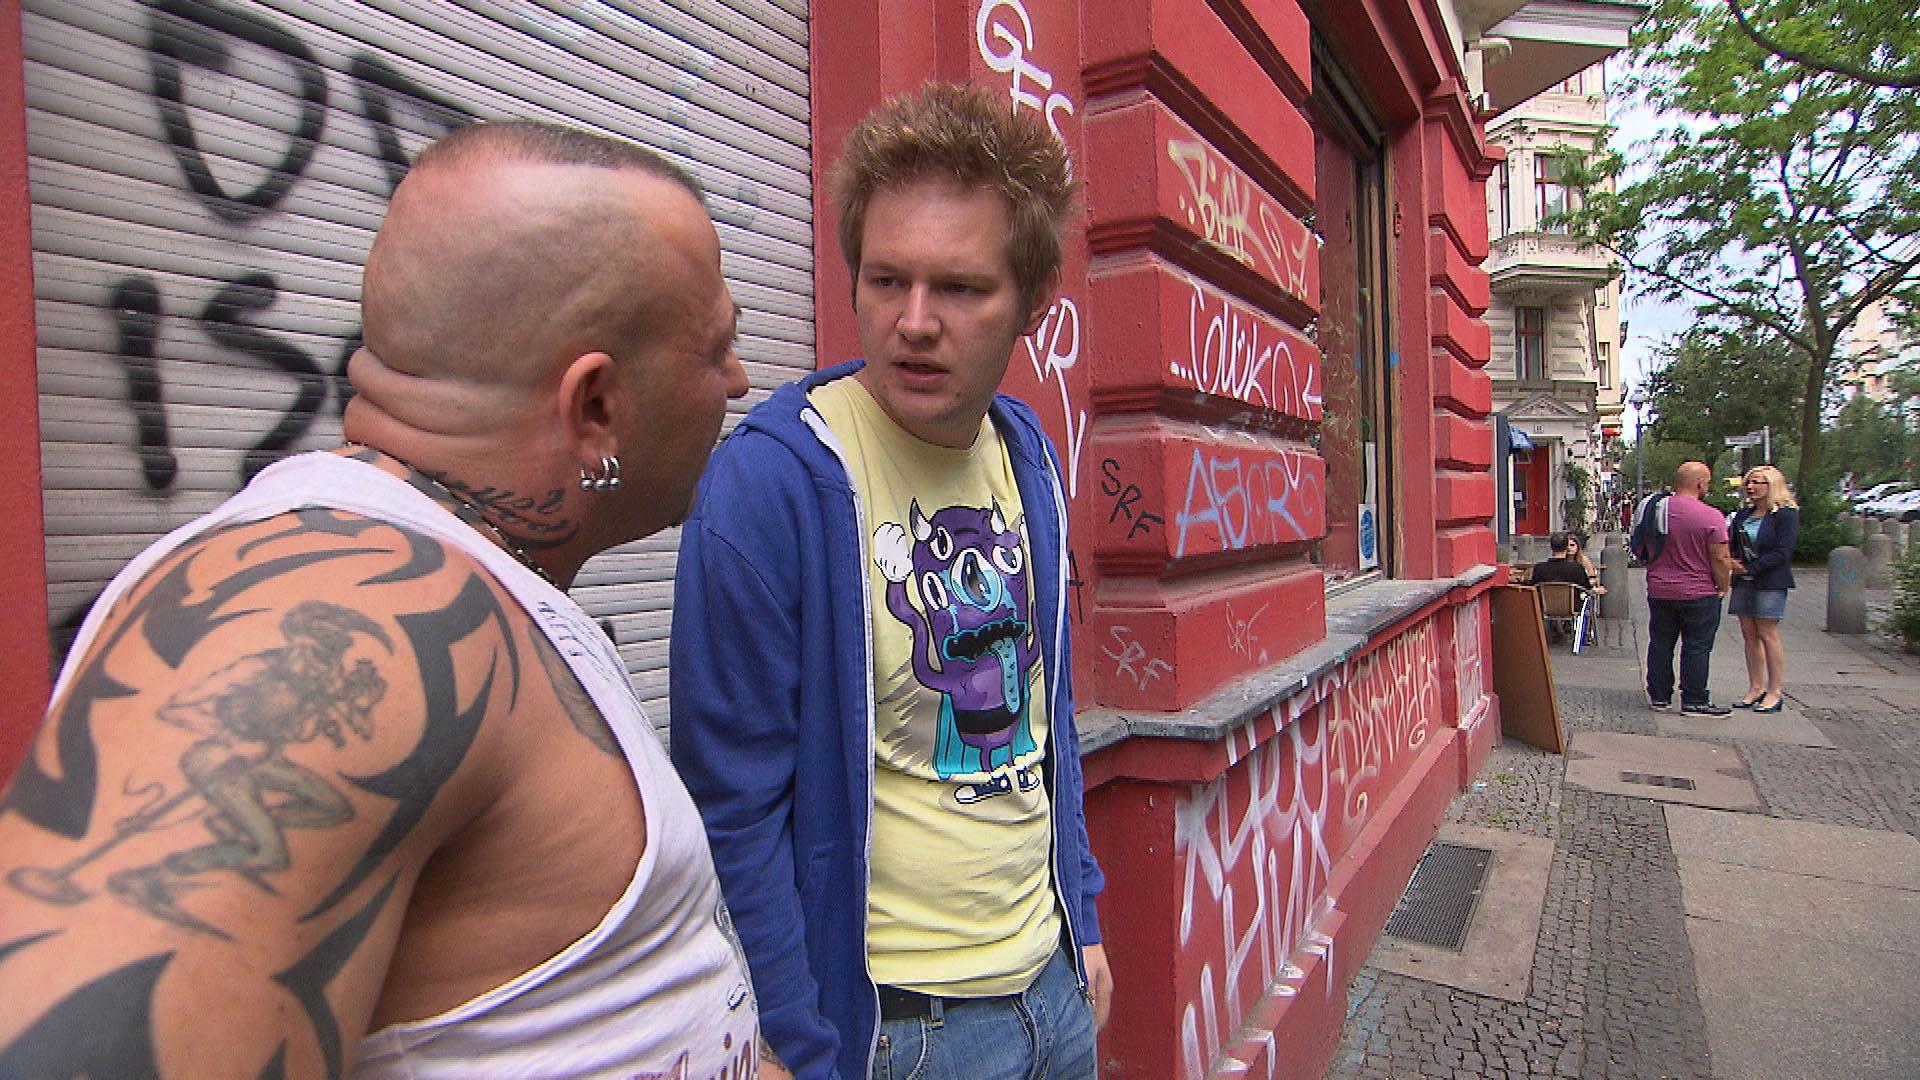 Joe geht es zwar gut, aber Ole (re.) findet, dass er irgendwie merkwürdig drauf ist. Fabrizio, li. (Quelle: RTL 2)